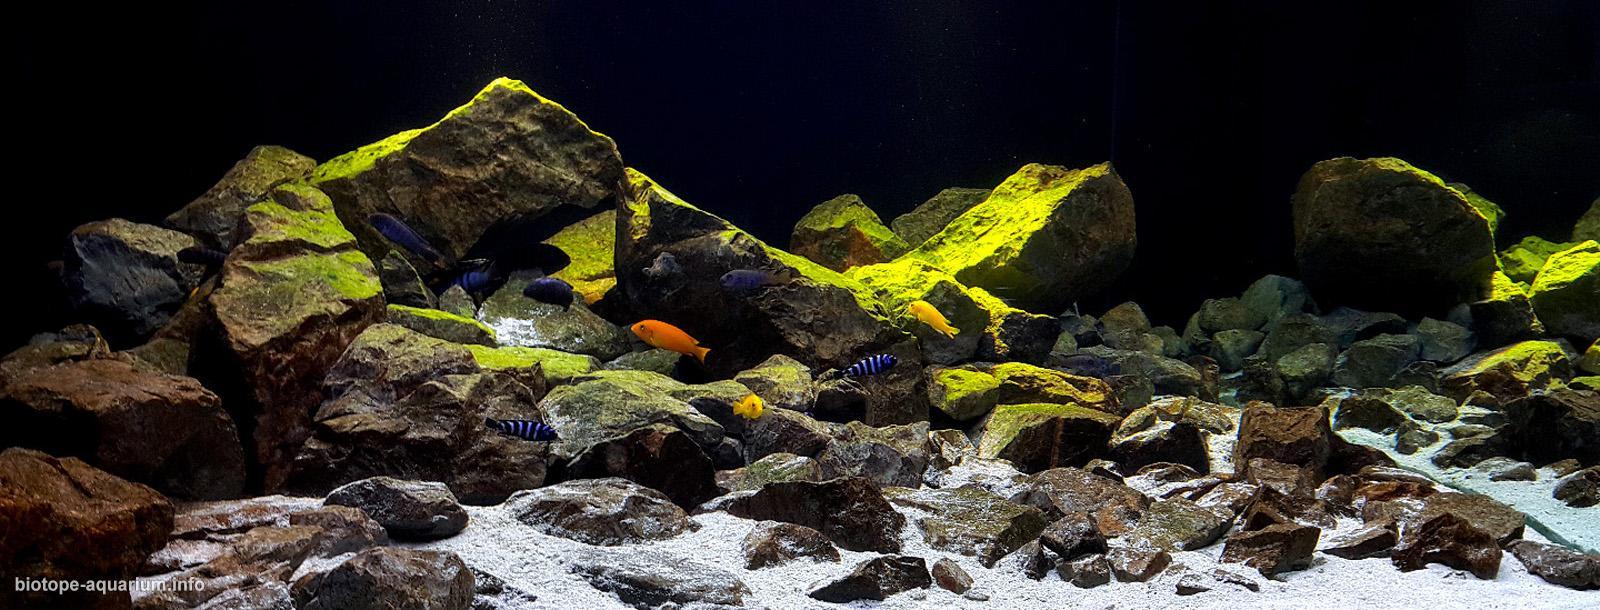 Biotope_Aquarium_Style